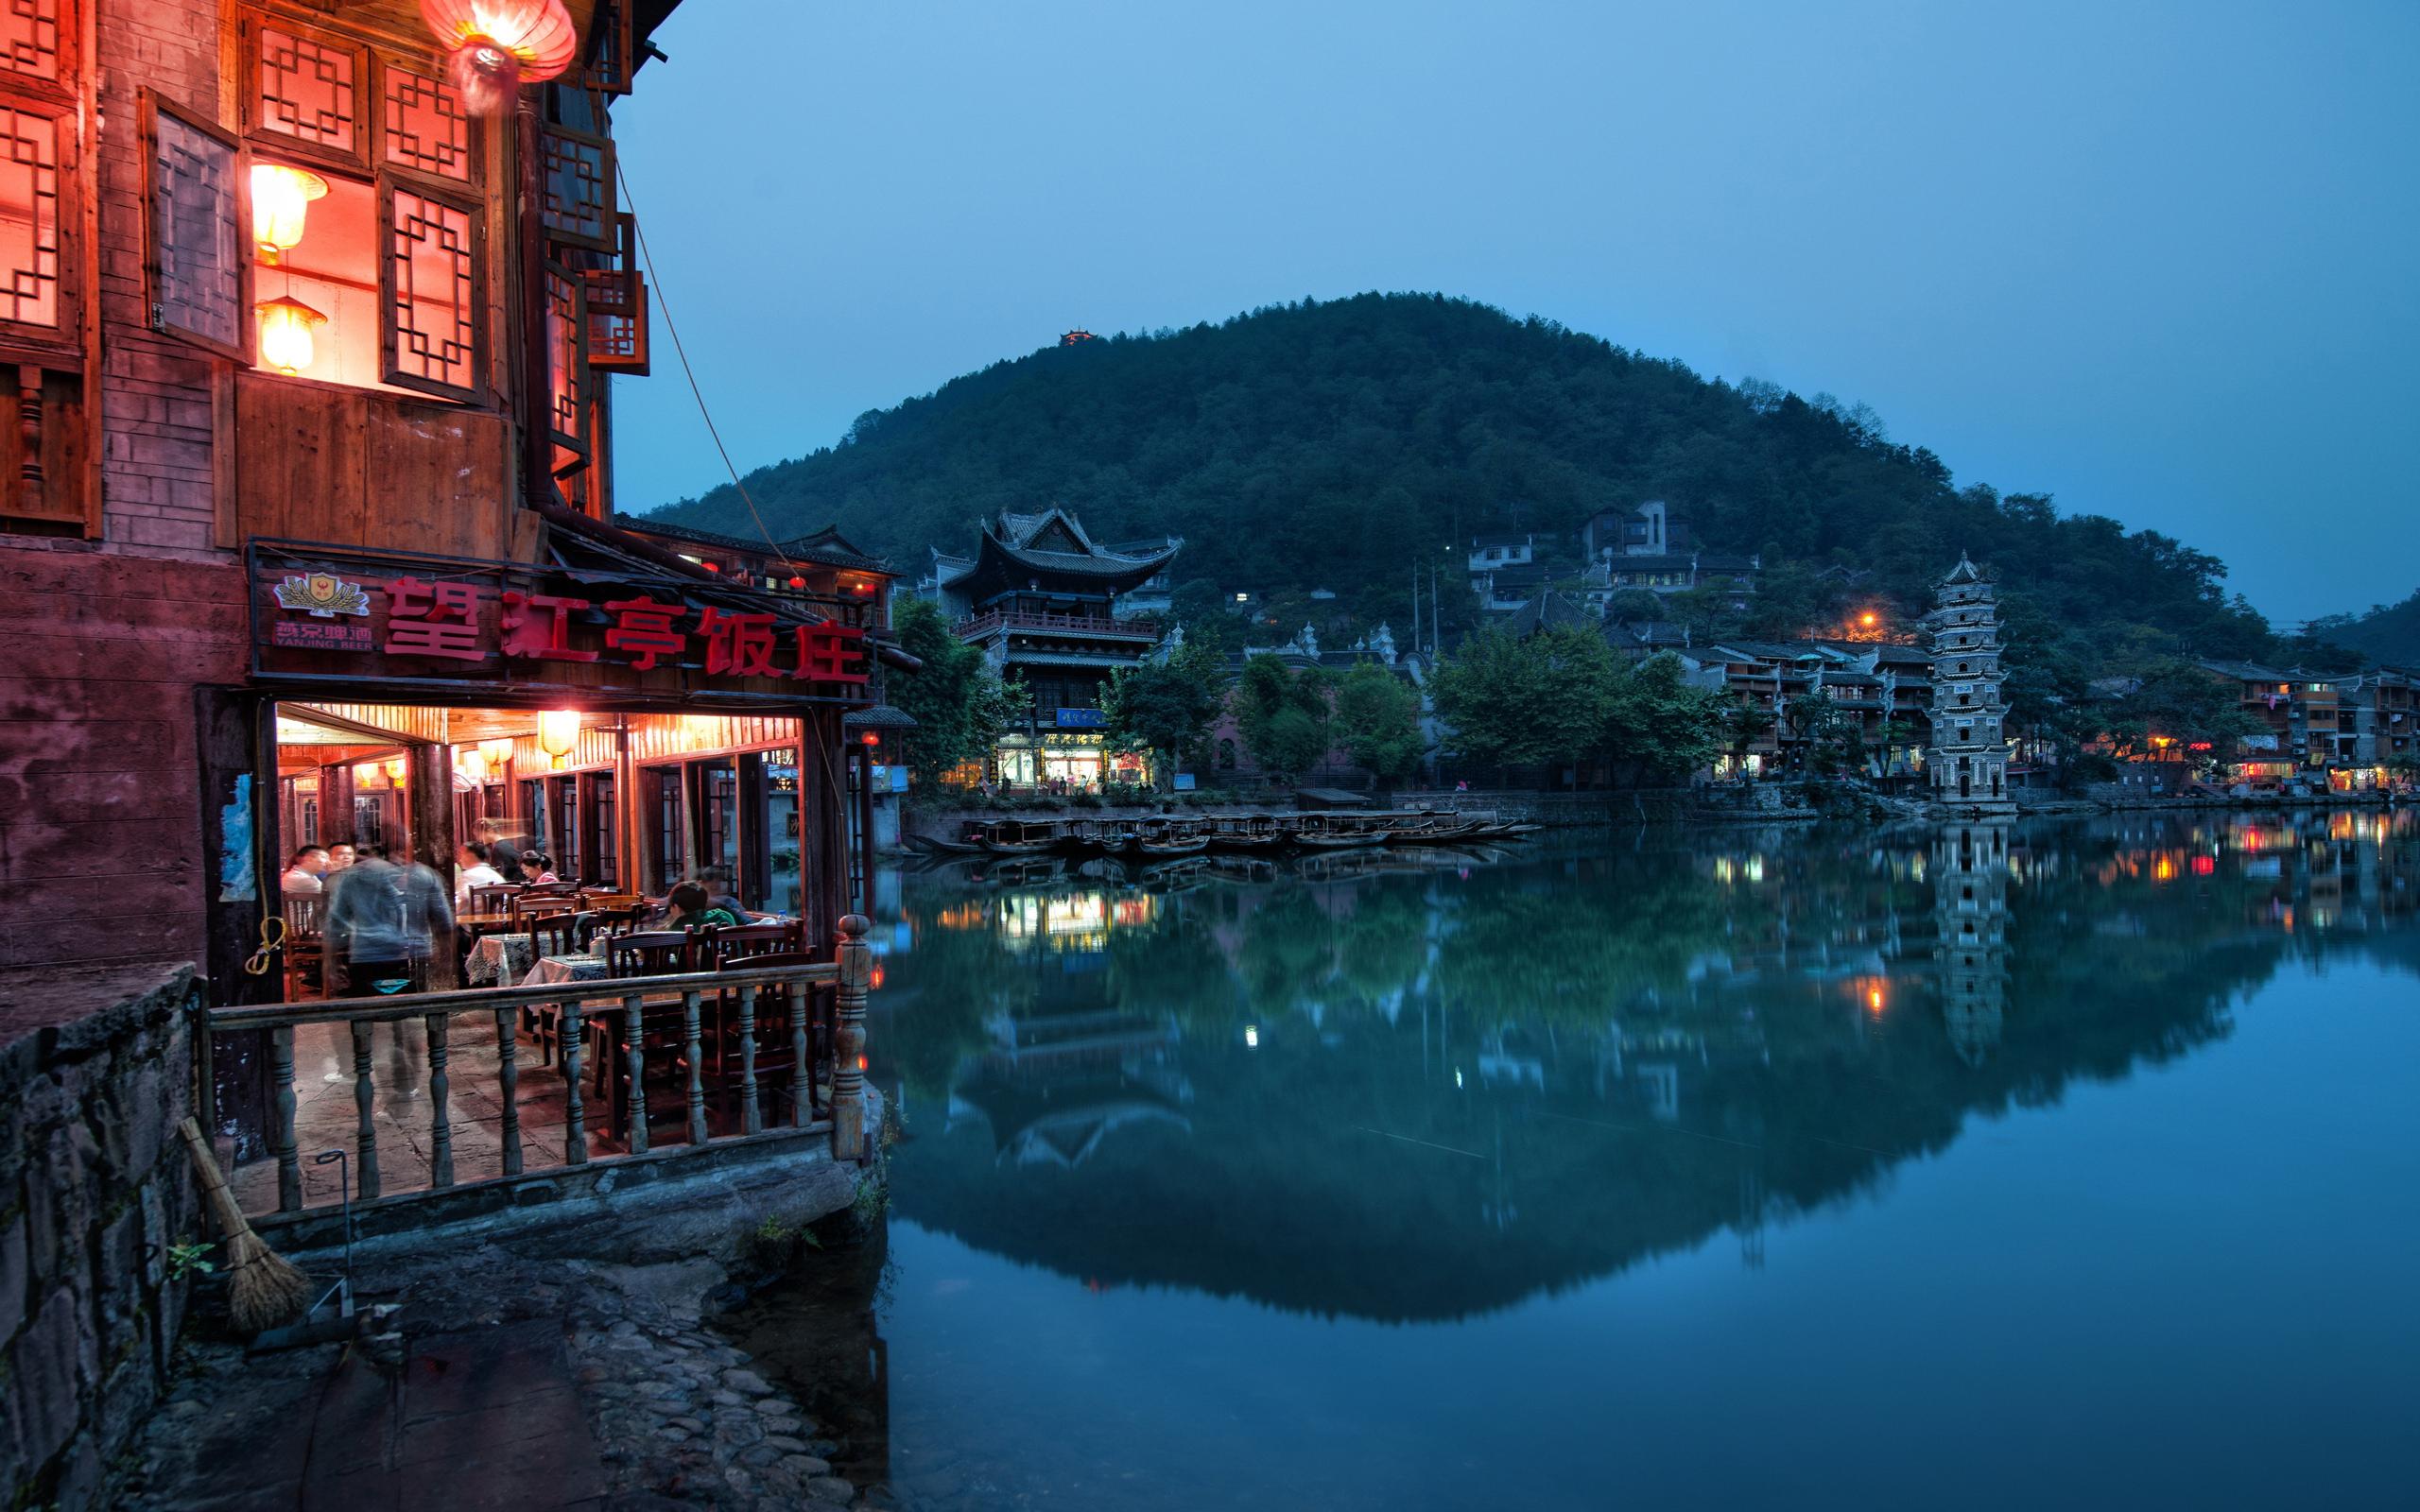 архитектура Китай озеро небо загрузить